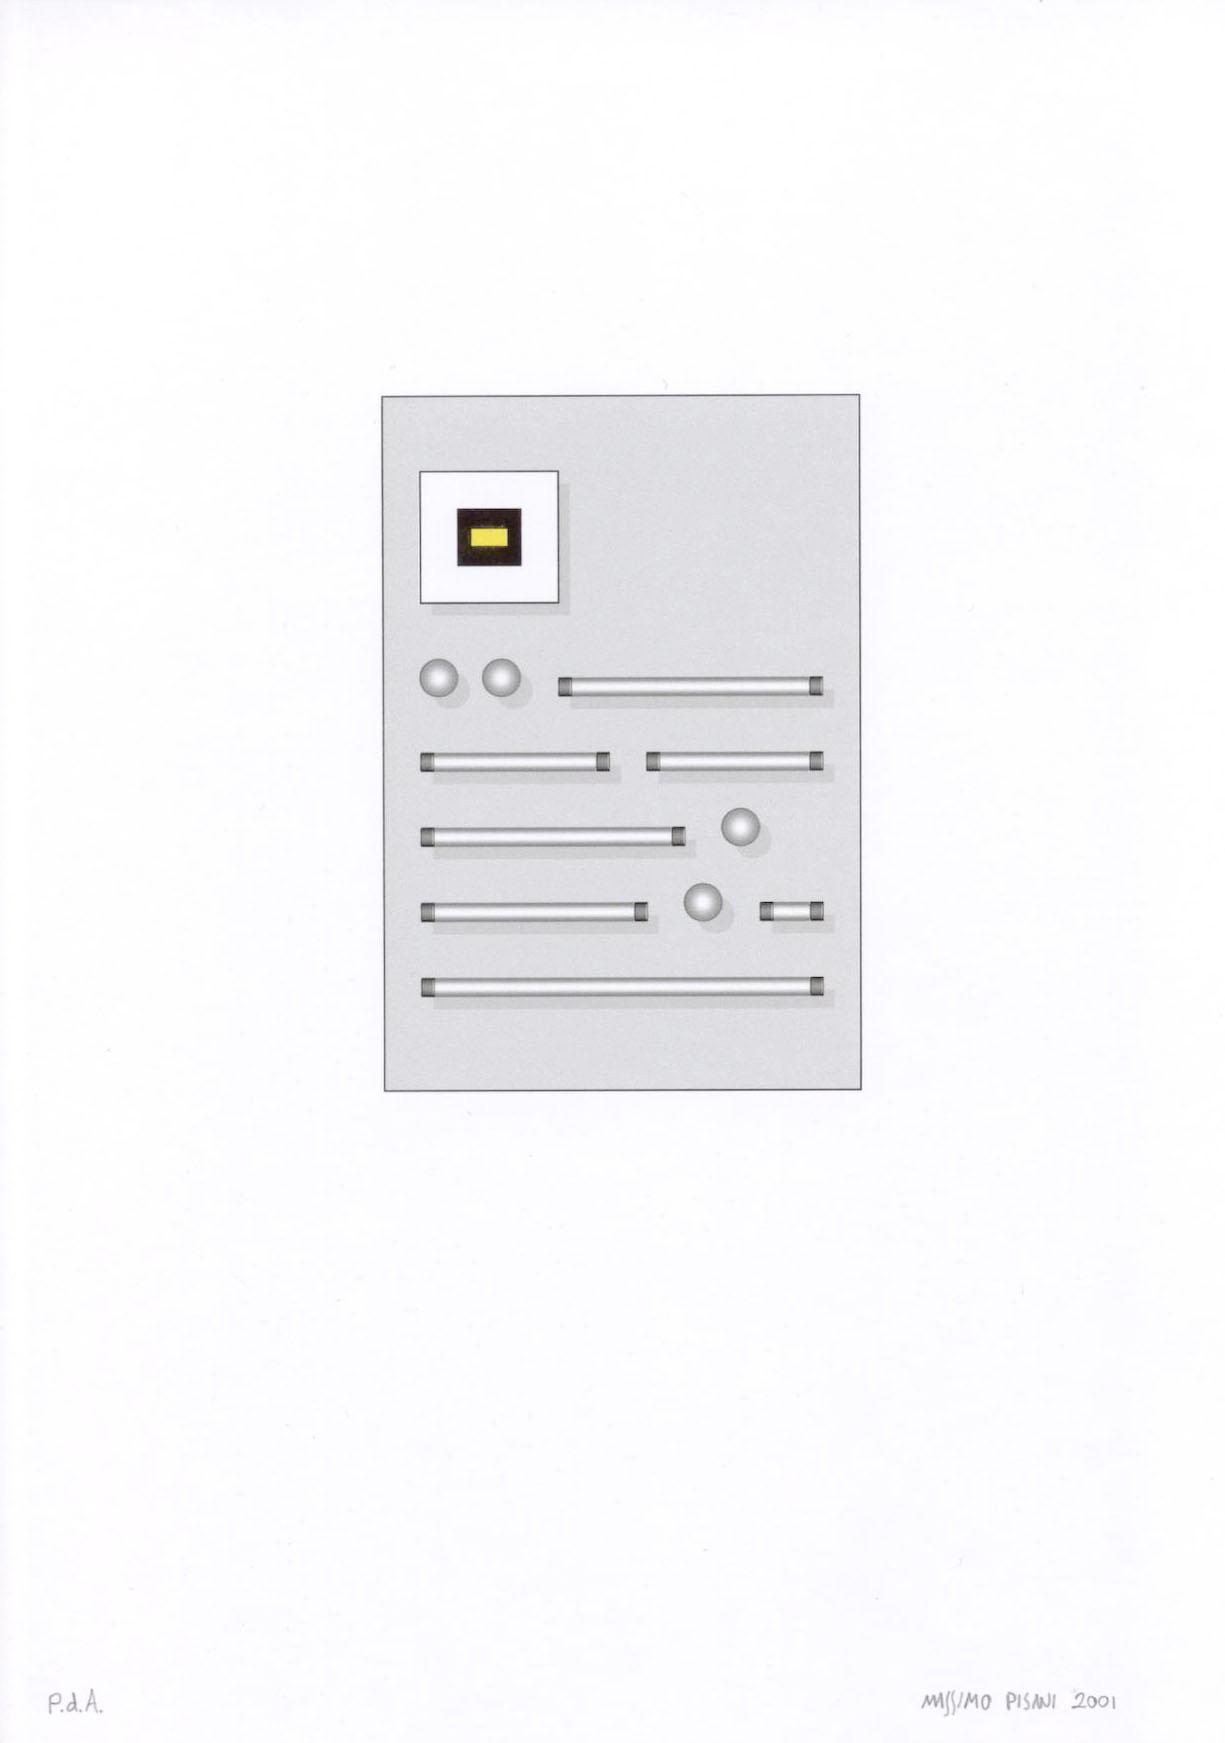 Ilustraciónes para la publicación Pulcino elefante cm.21x29,7 -2002- 7